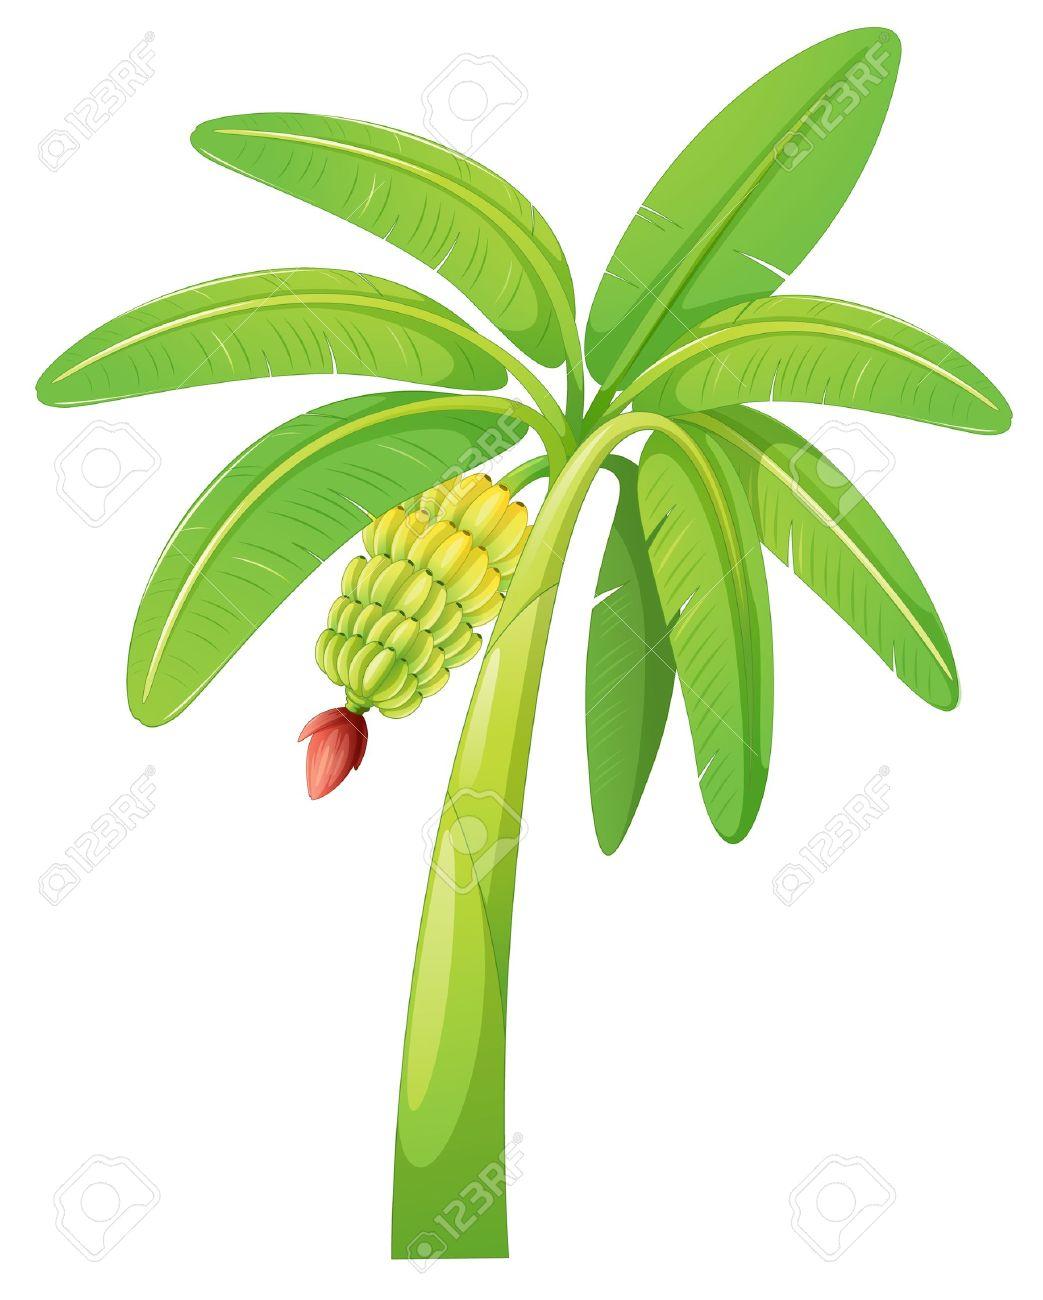 7 975 banana tree stock illustrations cliparts and royalty free rh 123rf com banana tree clip art free banana tree clip art images